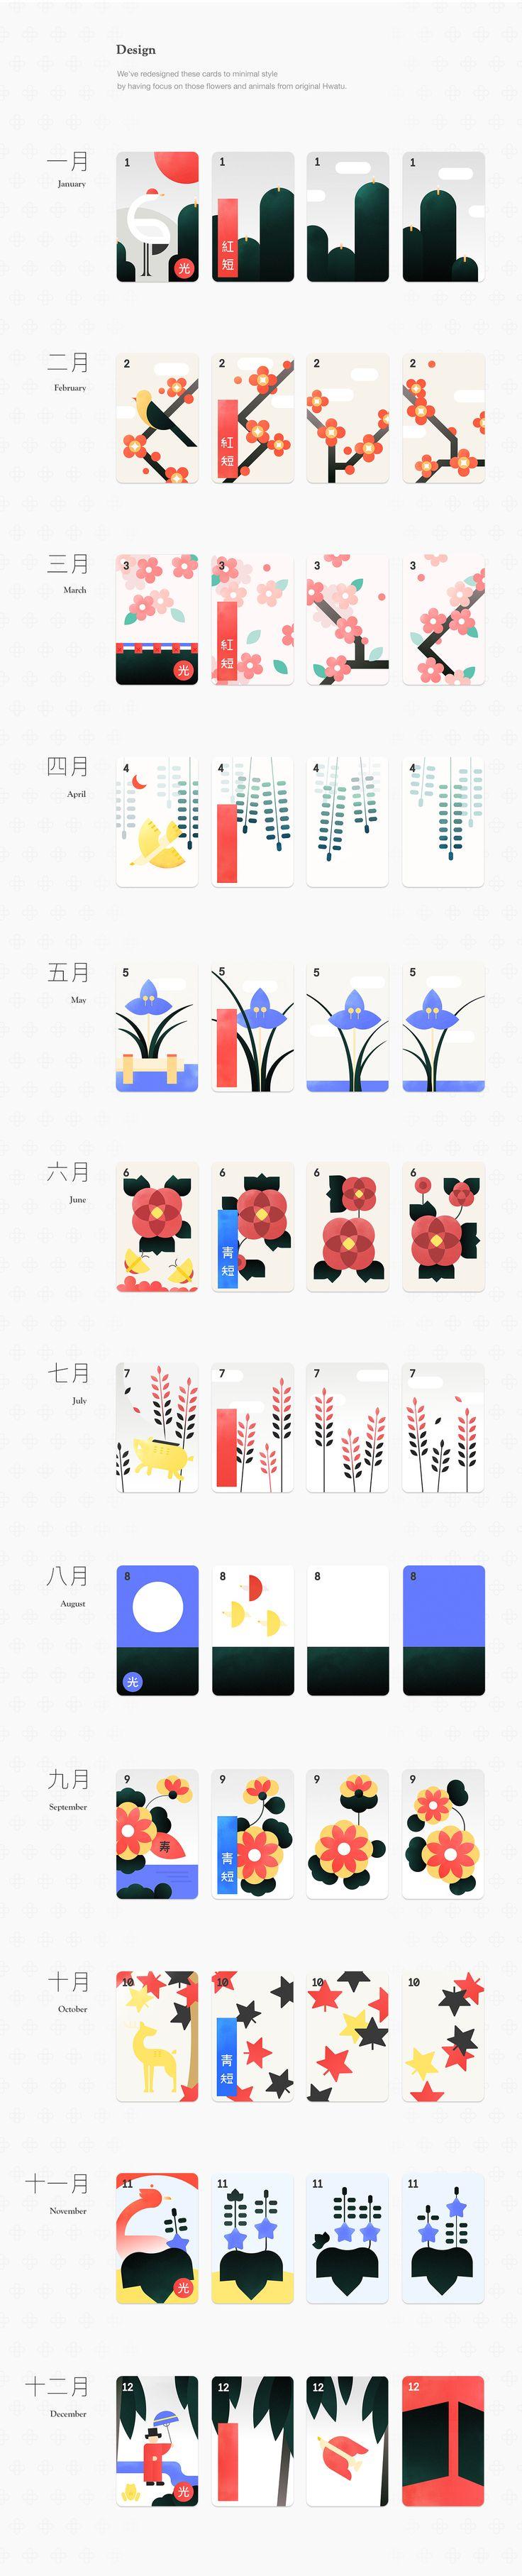 디자인 by 김성민, 이재혁.비헨스 링크 :https://www.behance.net/gallery/38549495/Hwatu-redesign